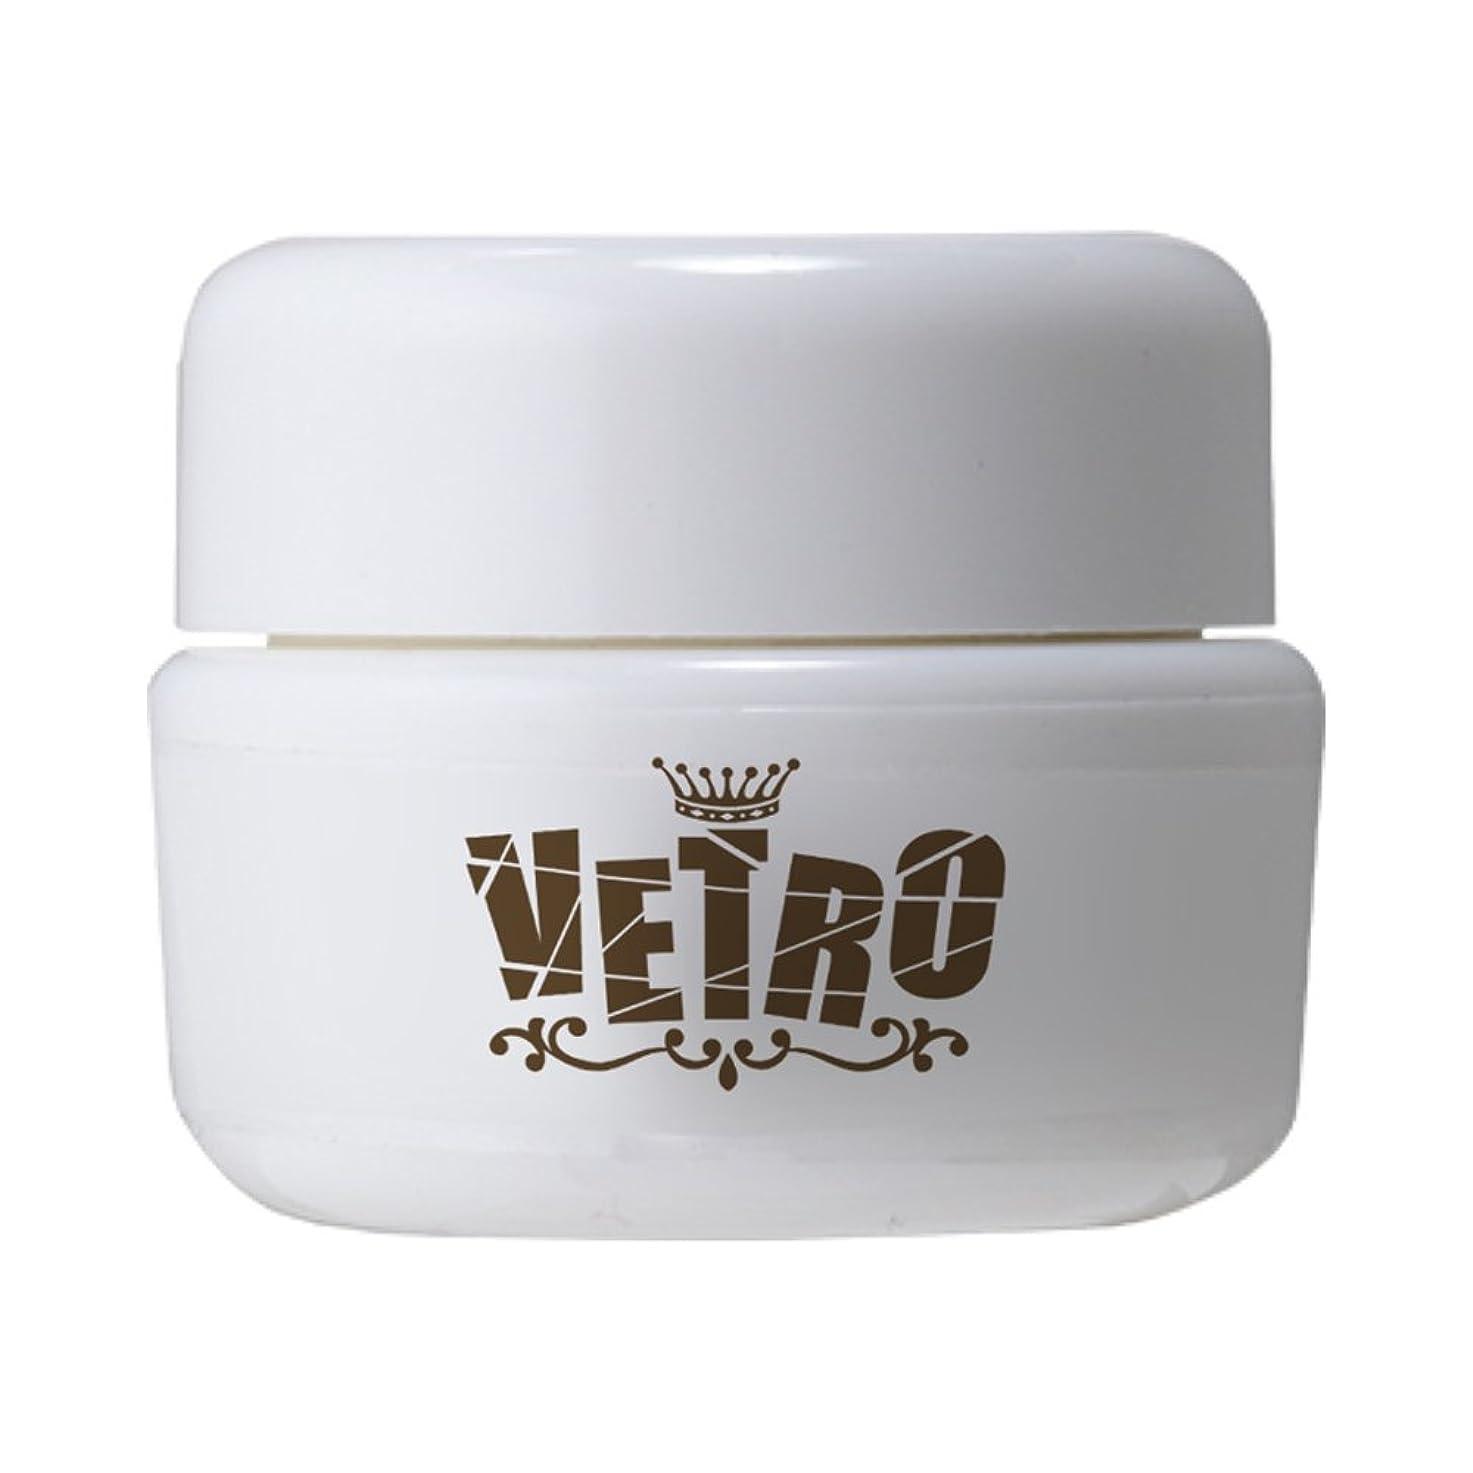 業界足首第五VETRO No.19 カラージェル マット VL301 Sweet Pig 4ml